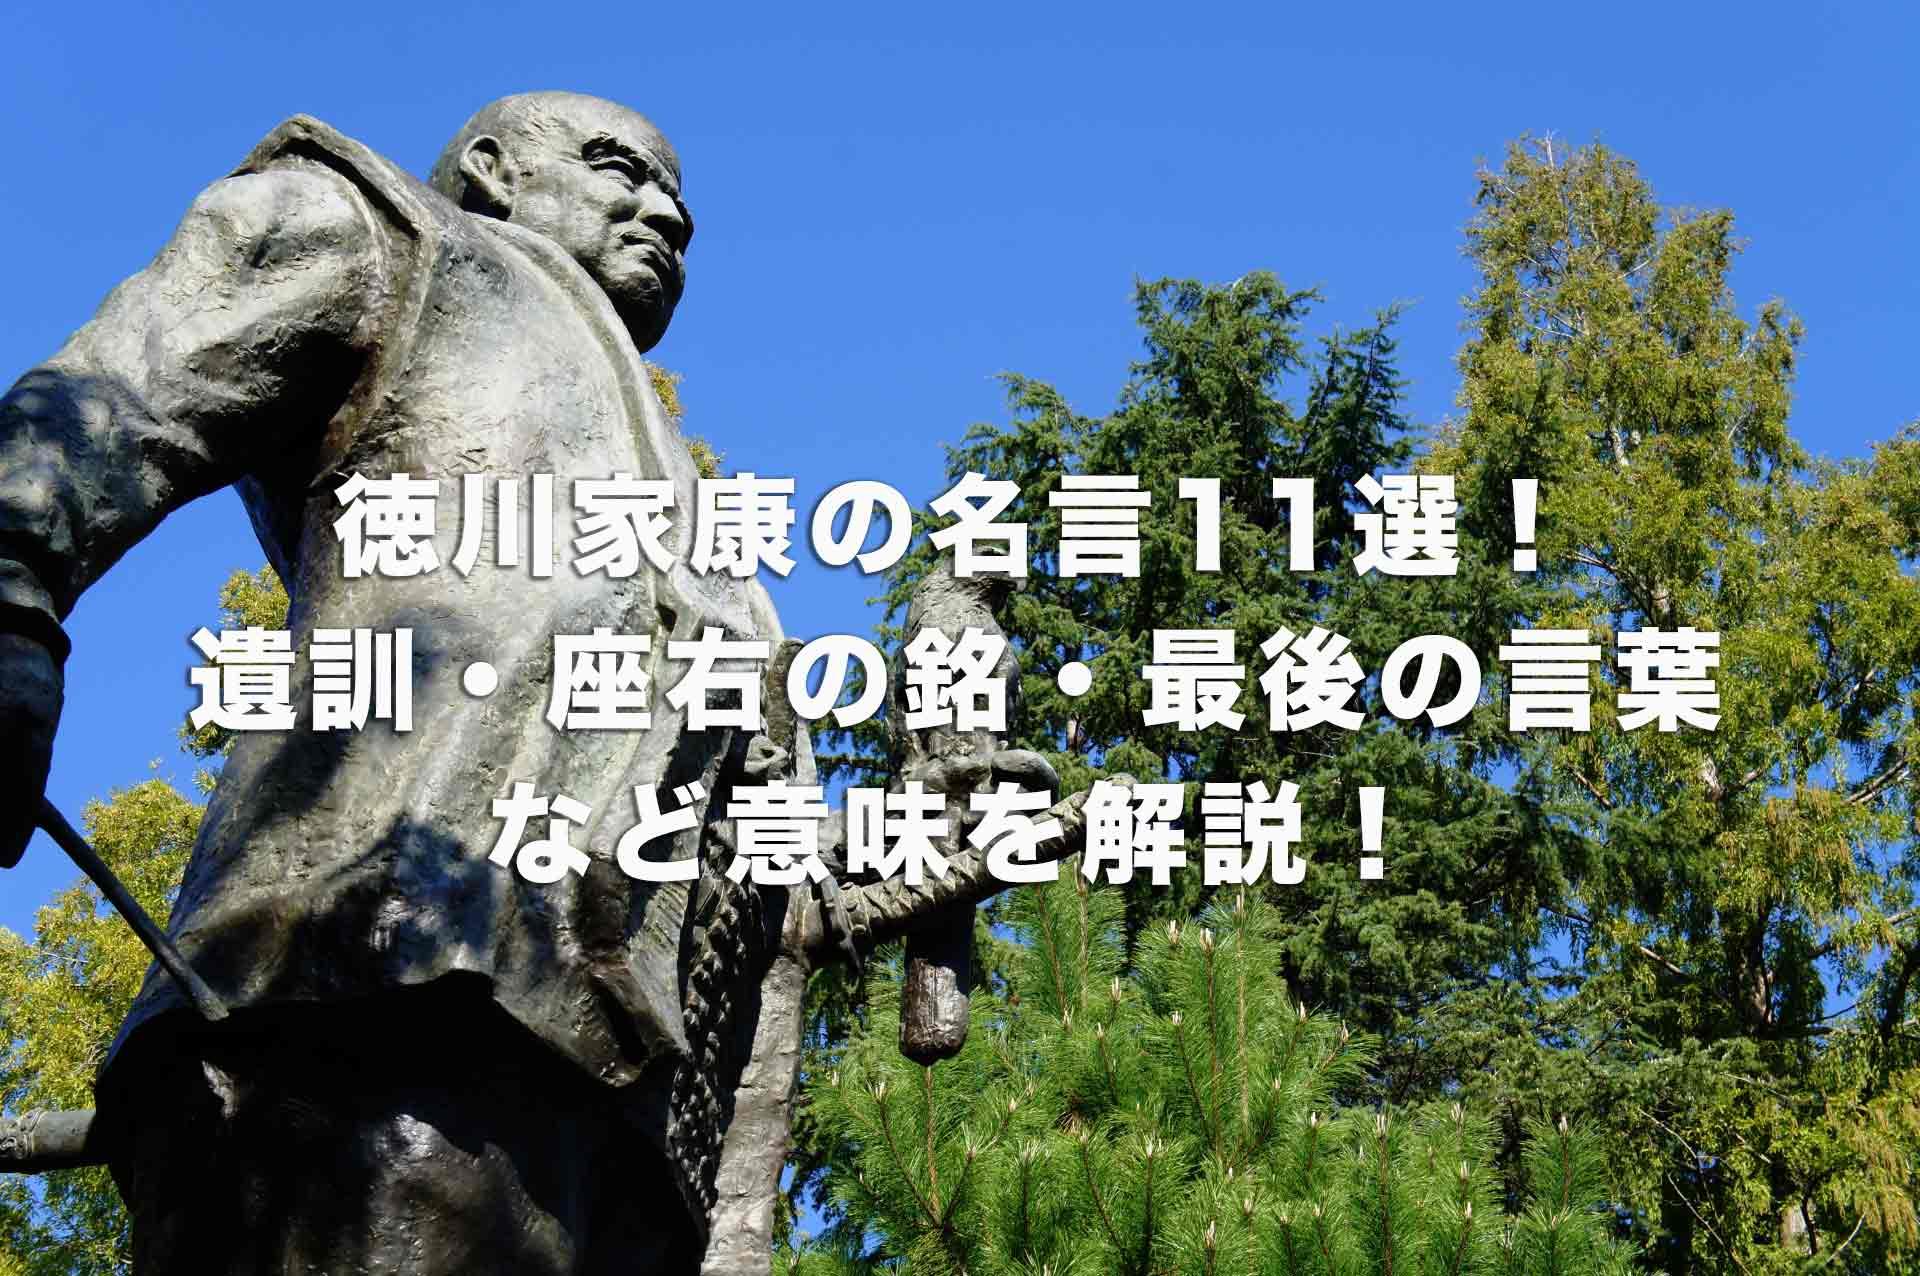 徳川家康の名言11選!遺訓・座右の銘・最後の言葉など意味を解説!